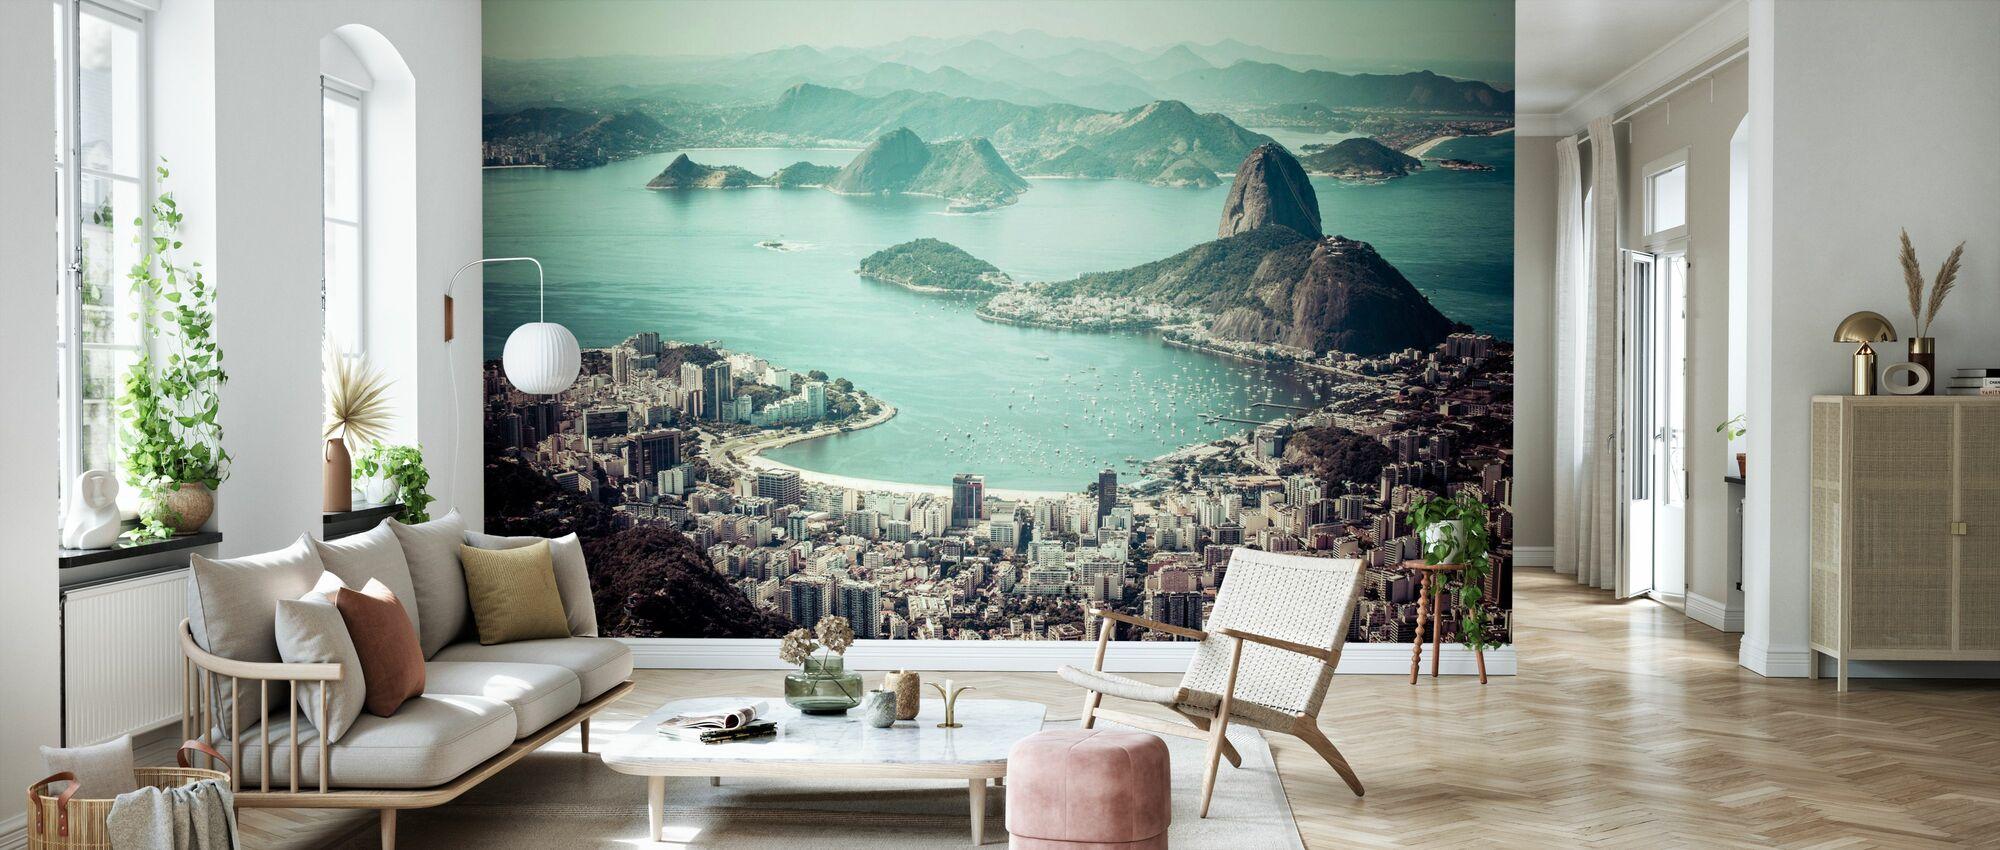 Rio de Janeiro - Zuckerhut - Tapete - Wohnzimmer